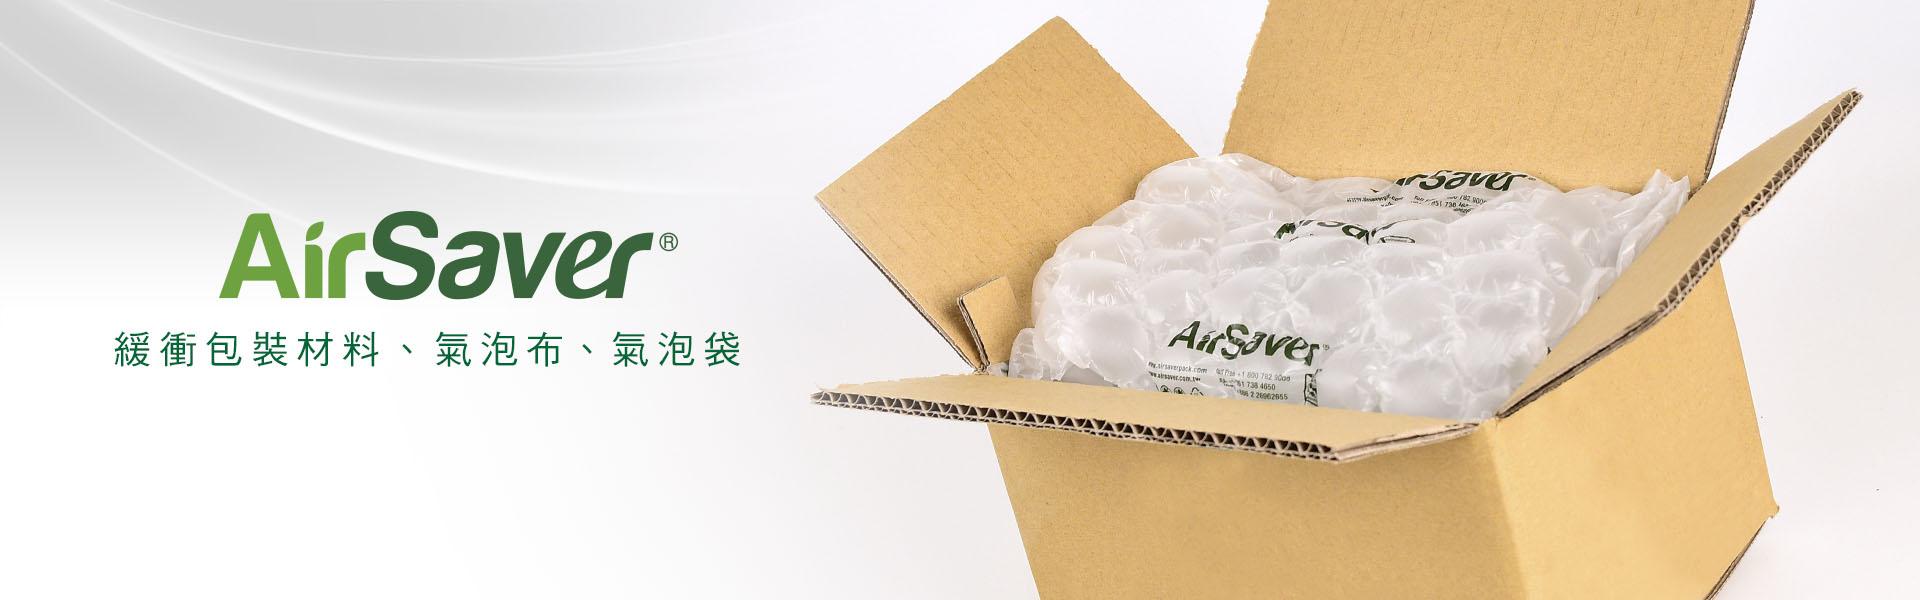 緩衝包裝材料、氣泡布、氣泡袋